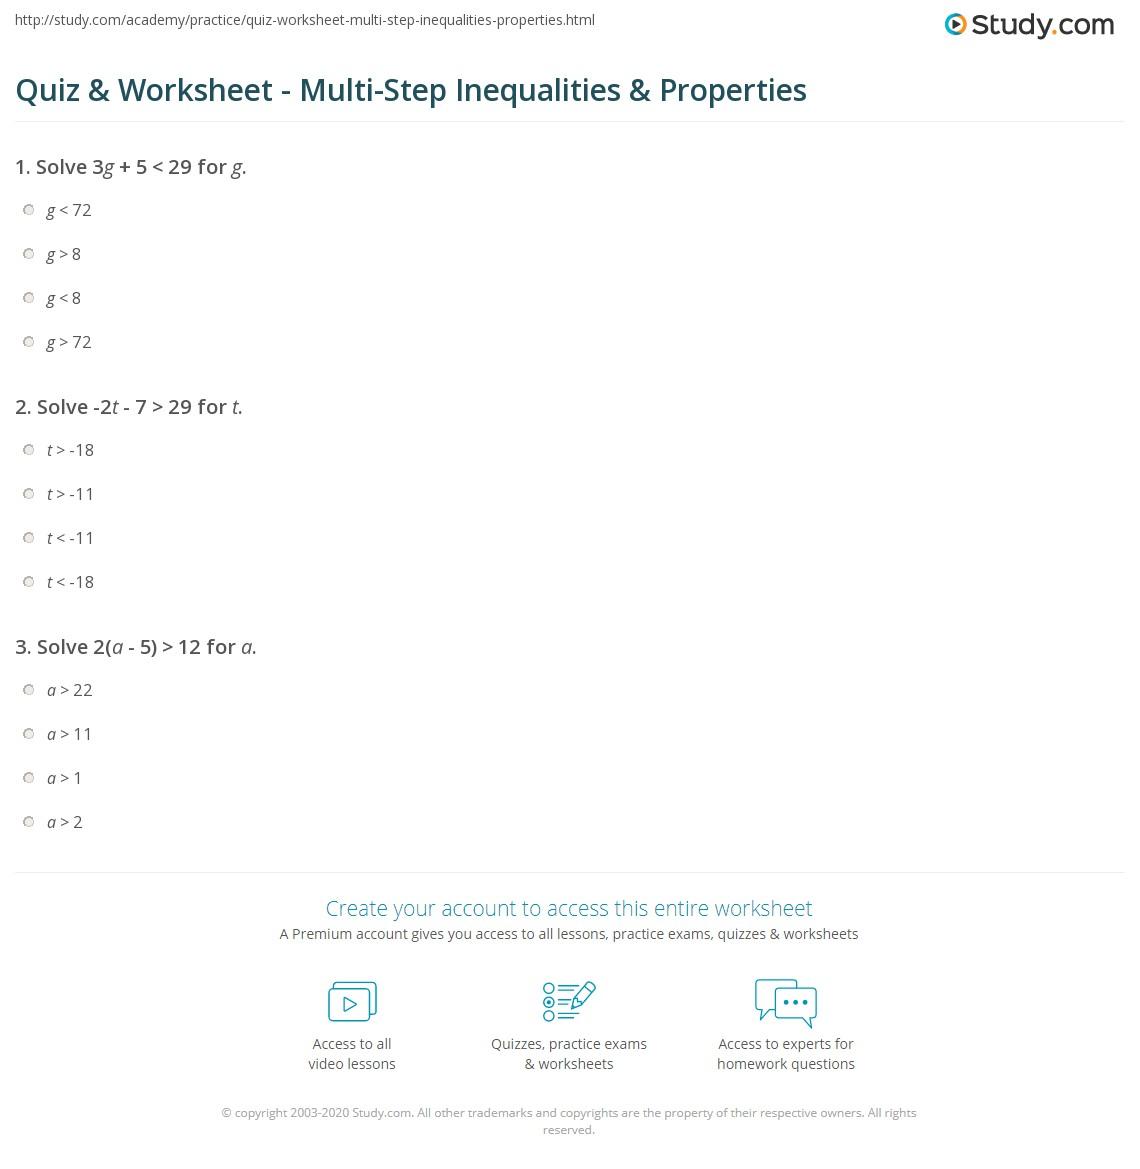 Quiz Worksheet Multi Step Inequalities Properties Study